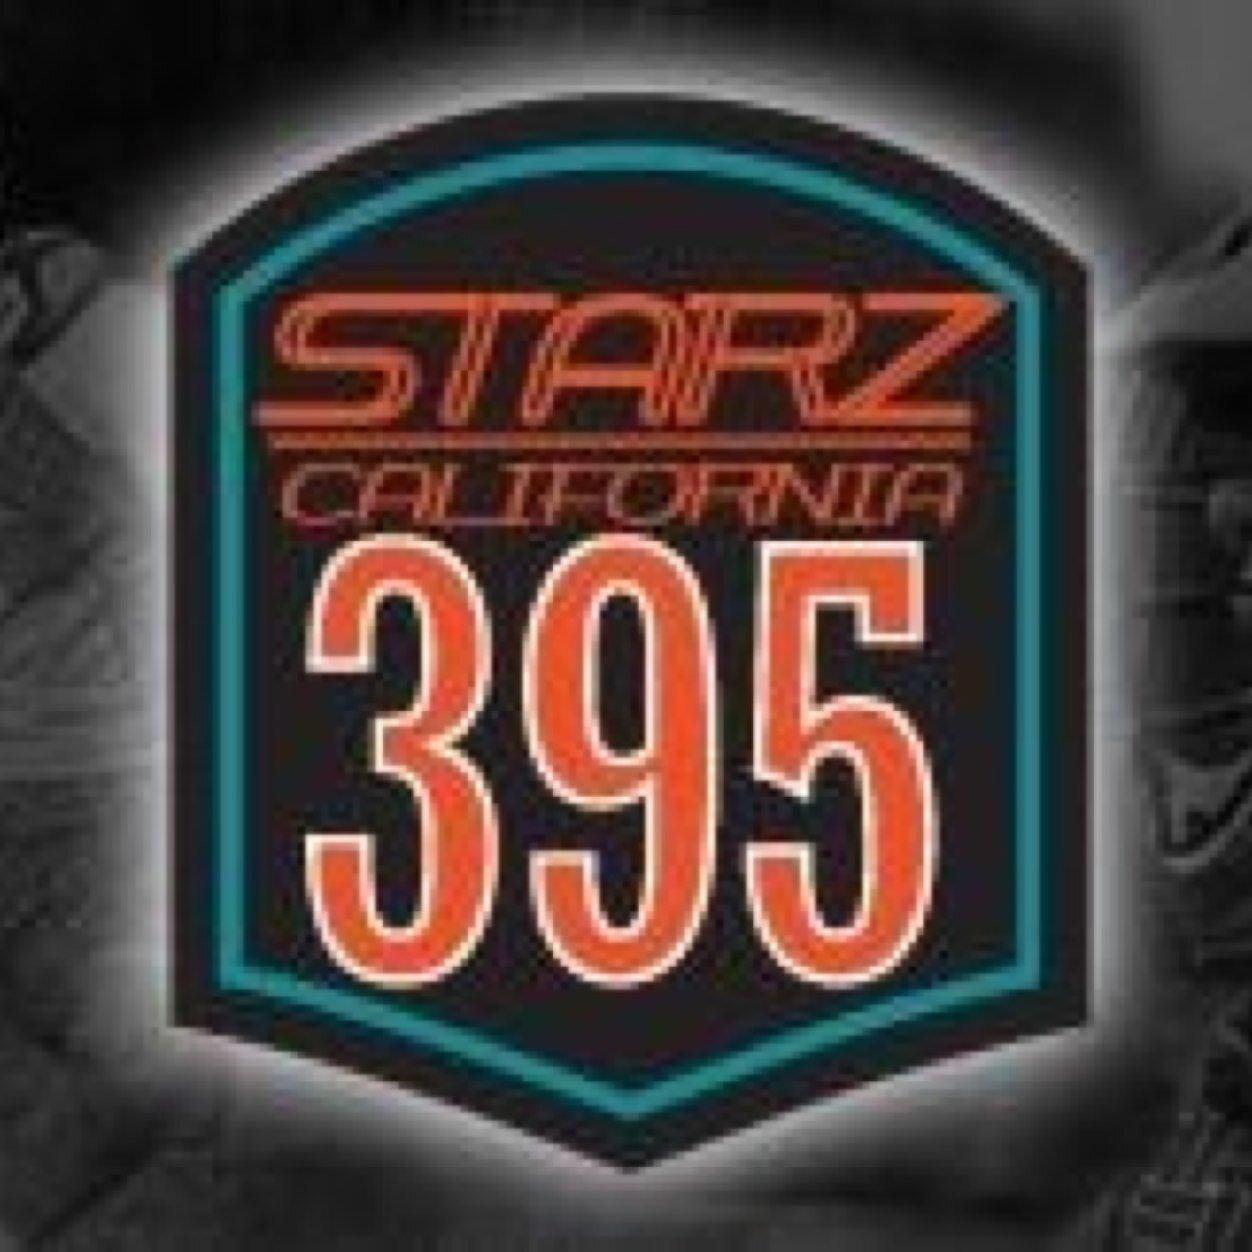 395 Starz